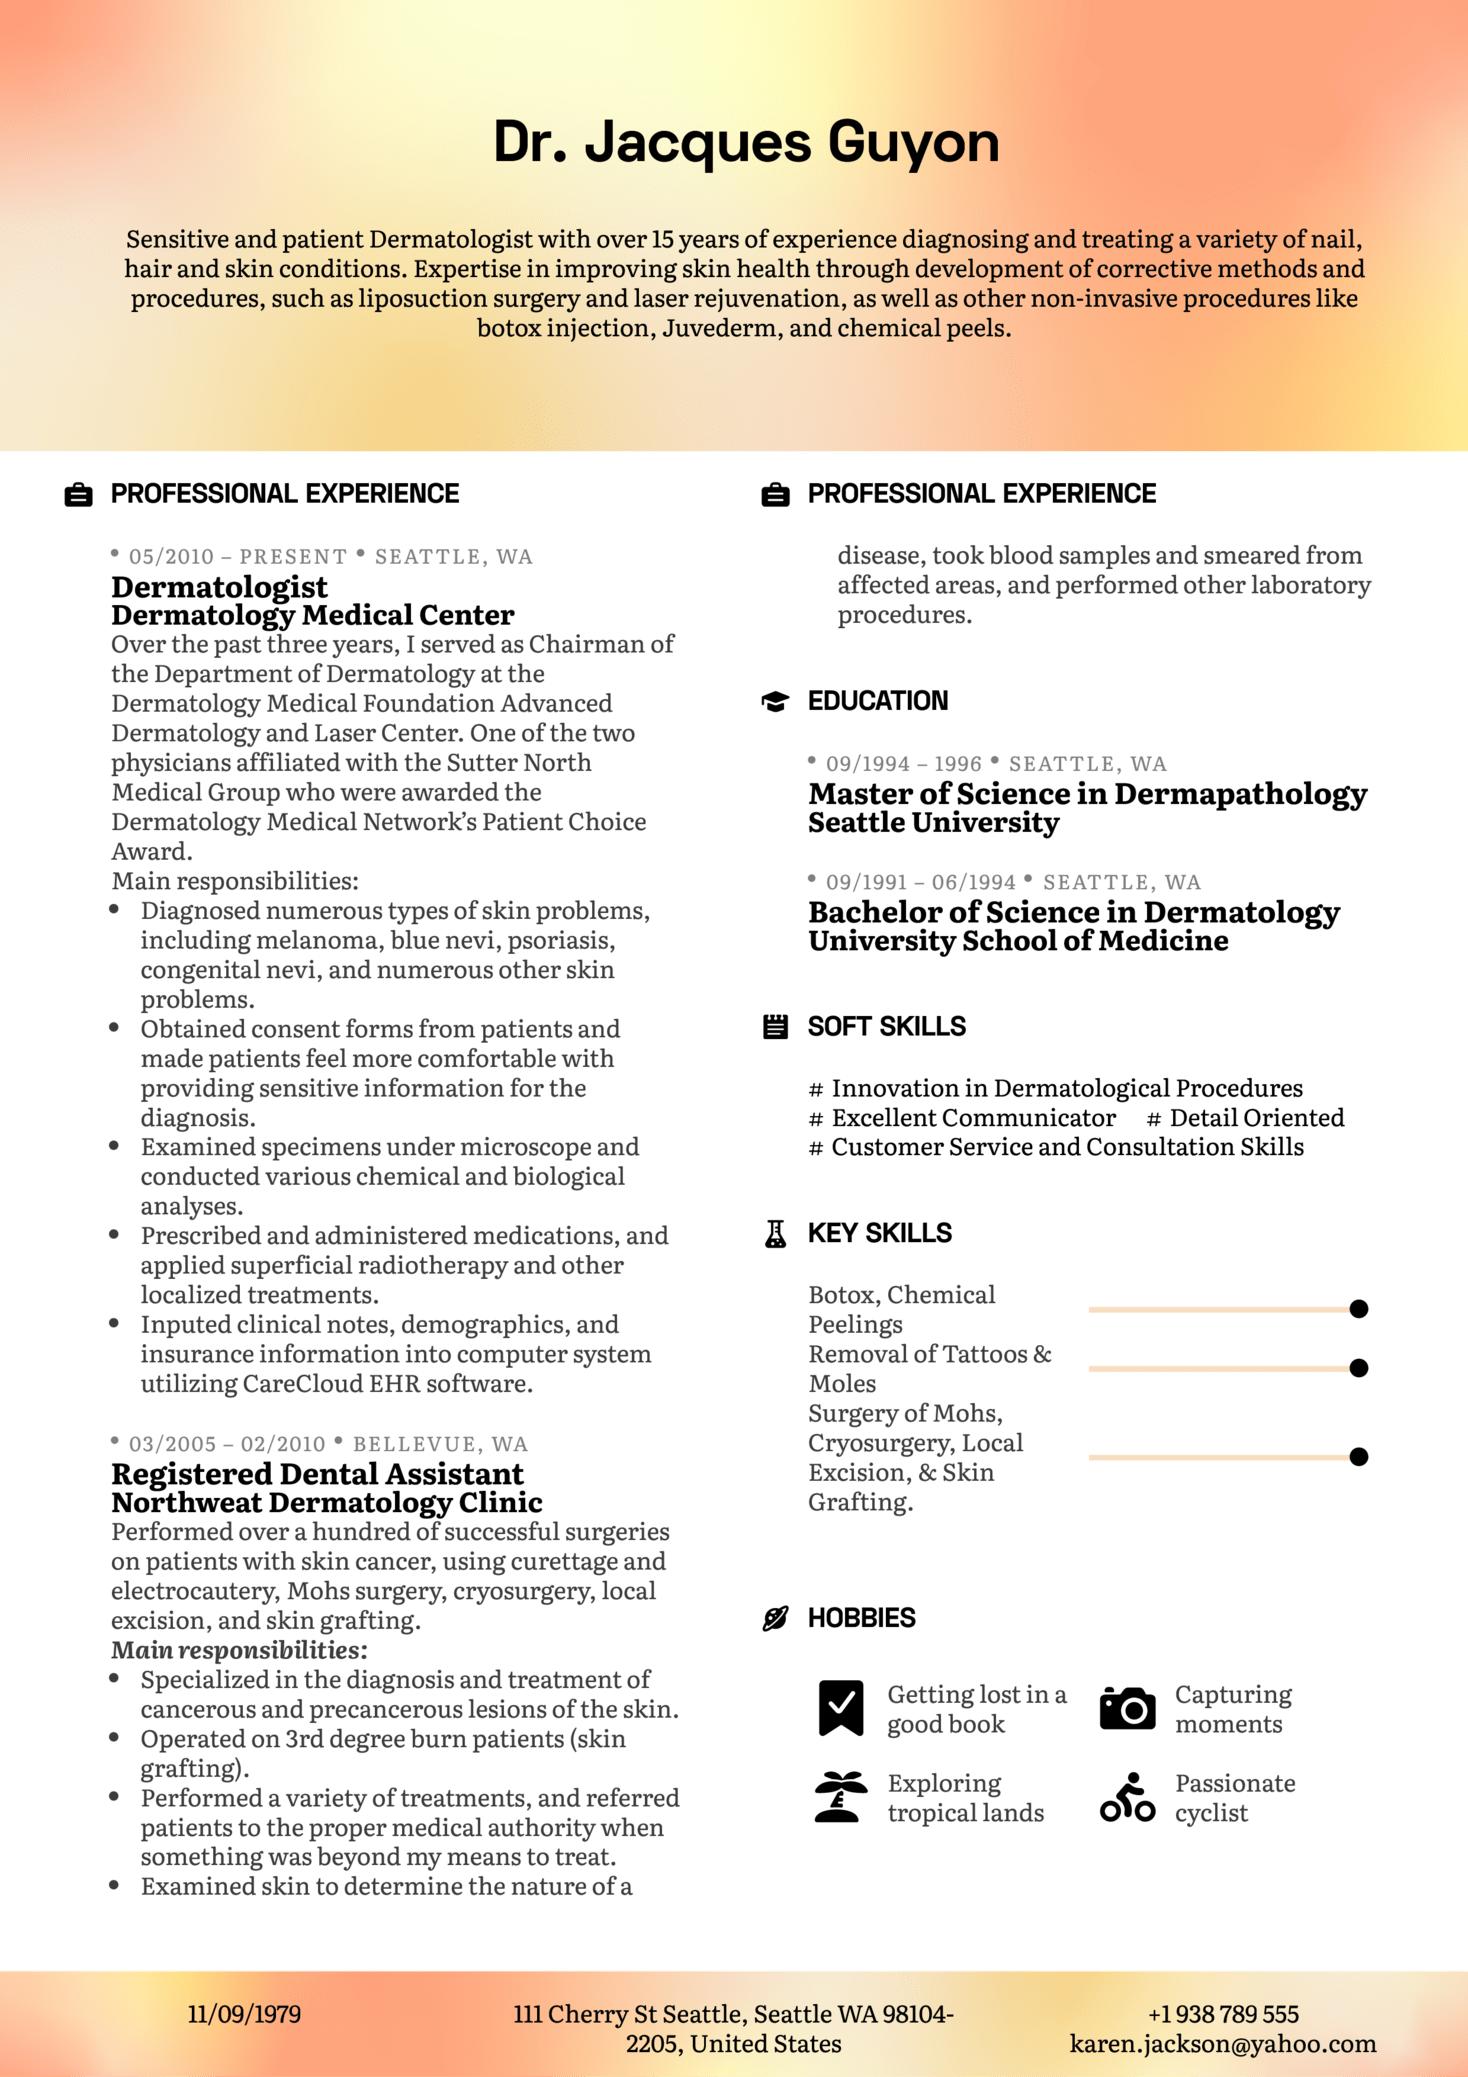 Dermatologist Resume Example (Teil 1)